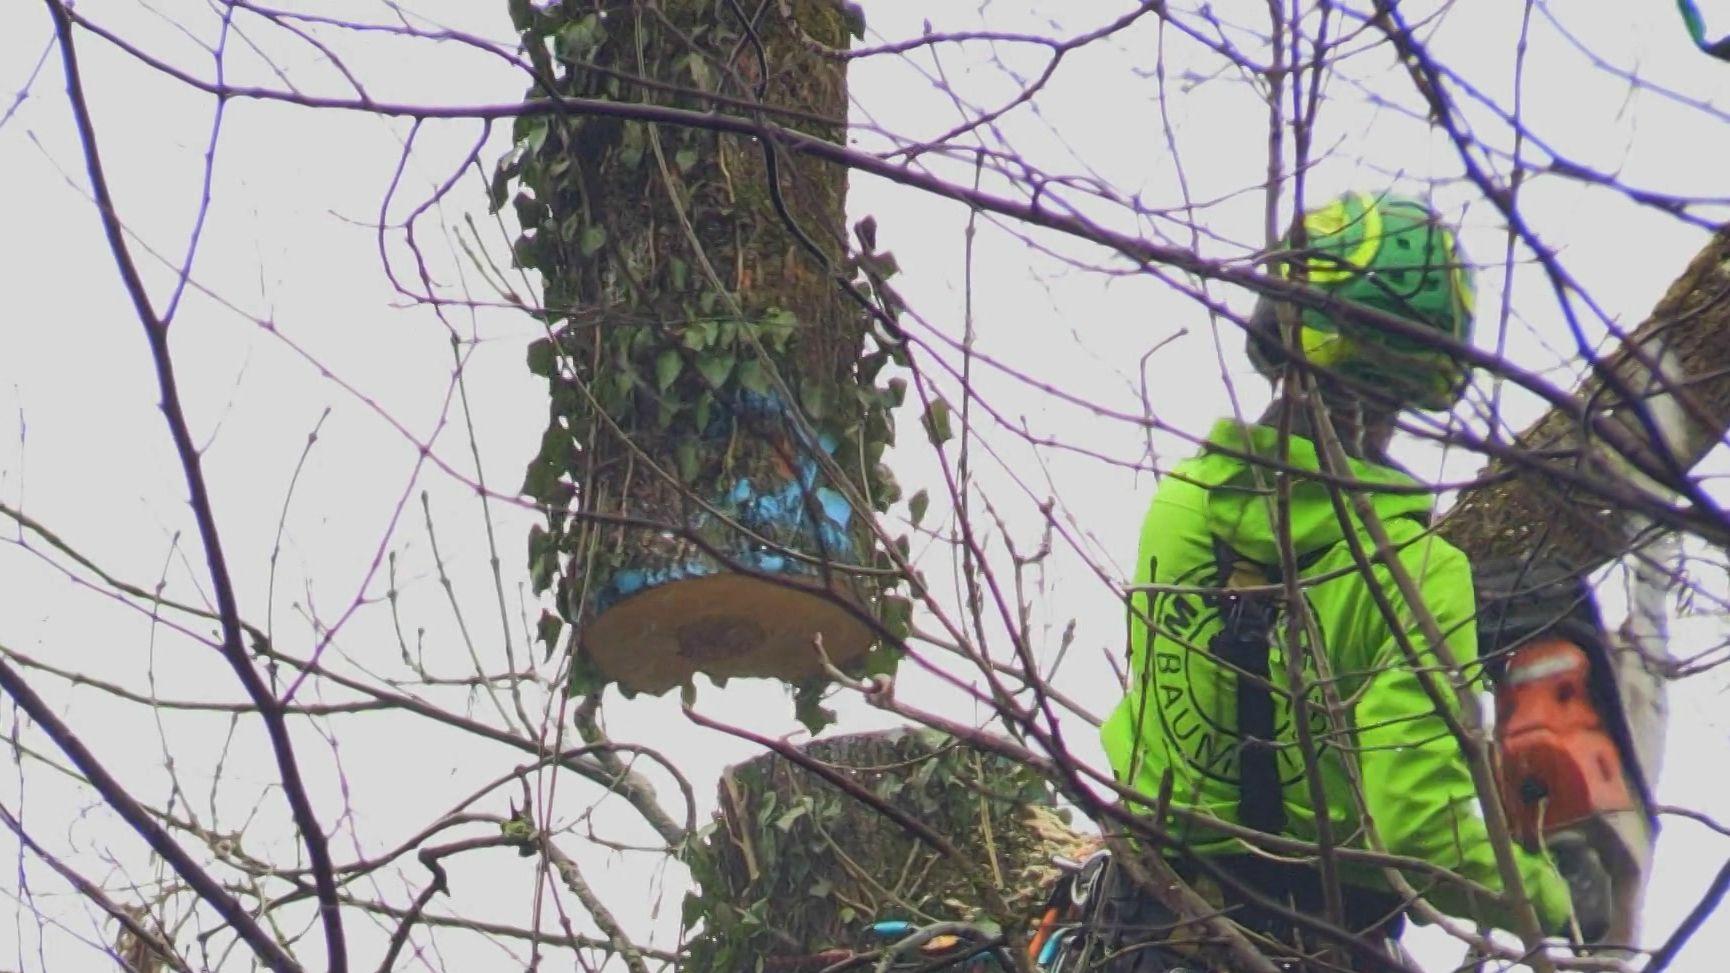 Naturschützer kritisieren Baumfällungen in Kempten